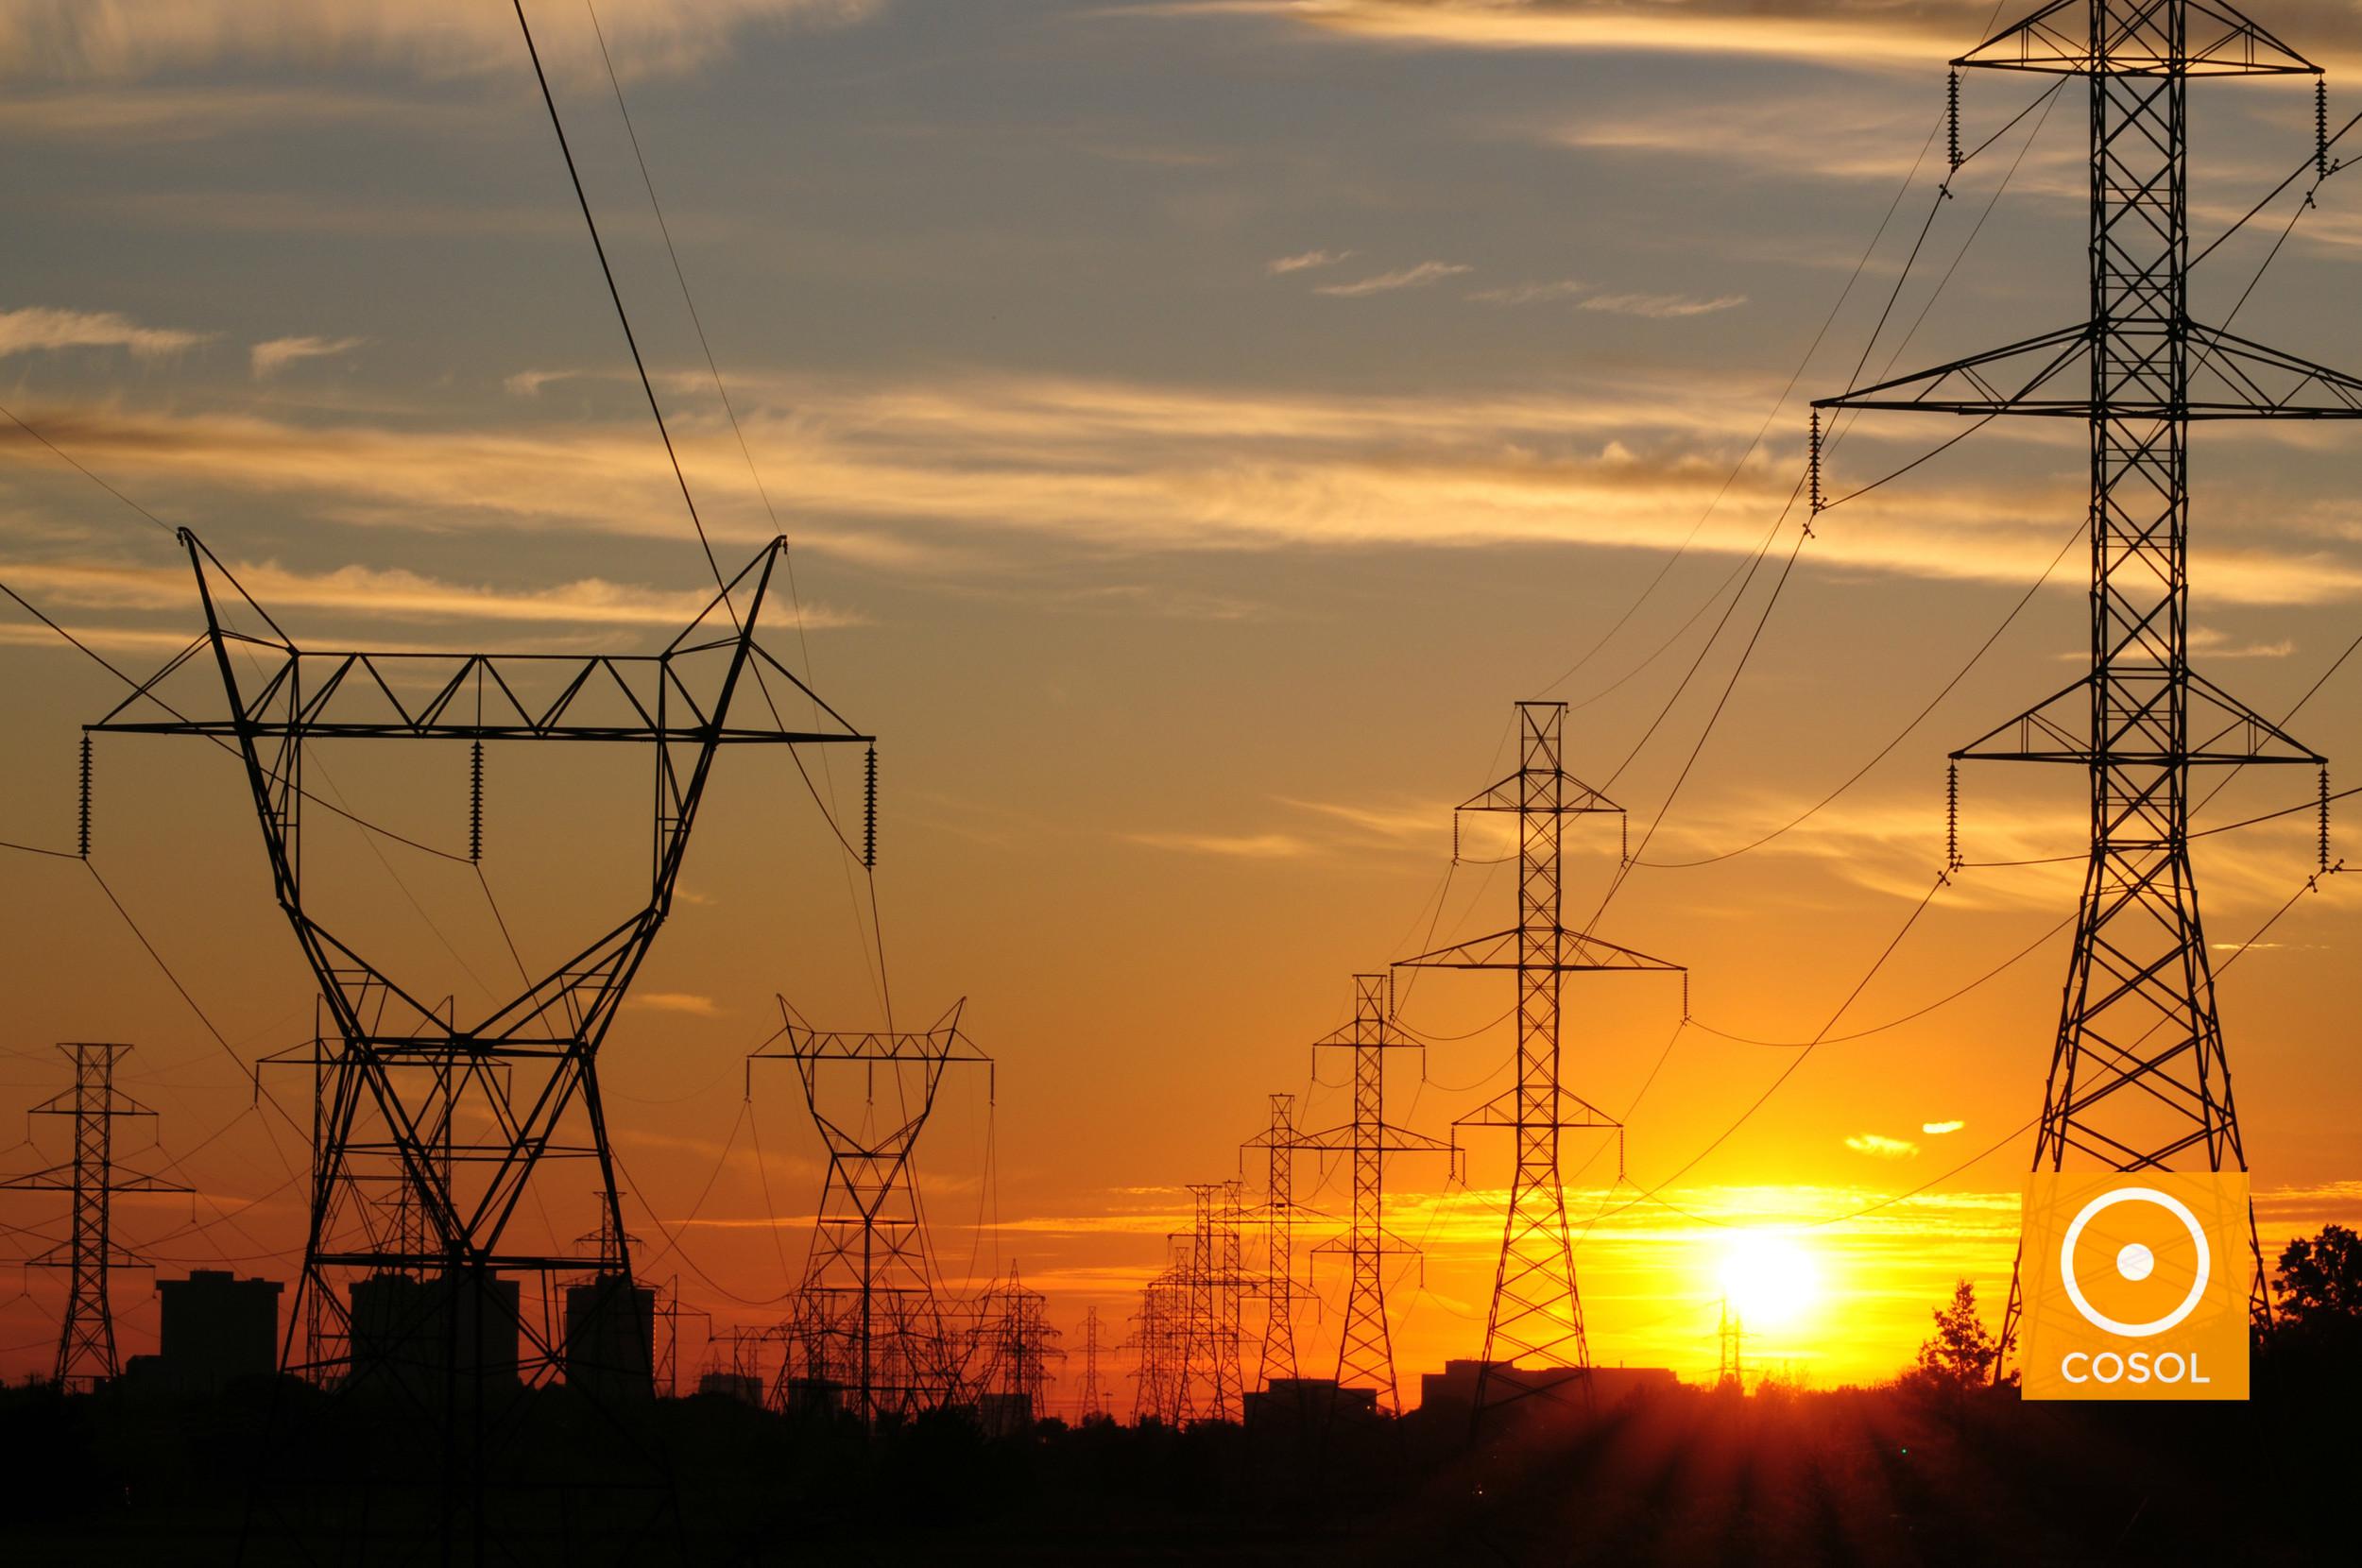 compensação + energia eletrica + cosol